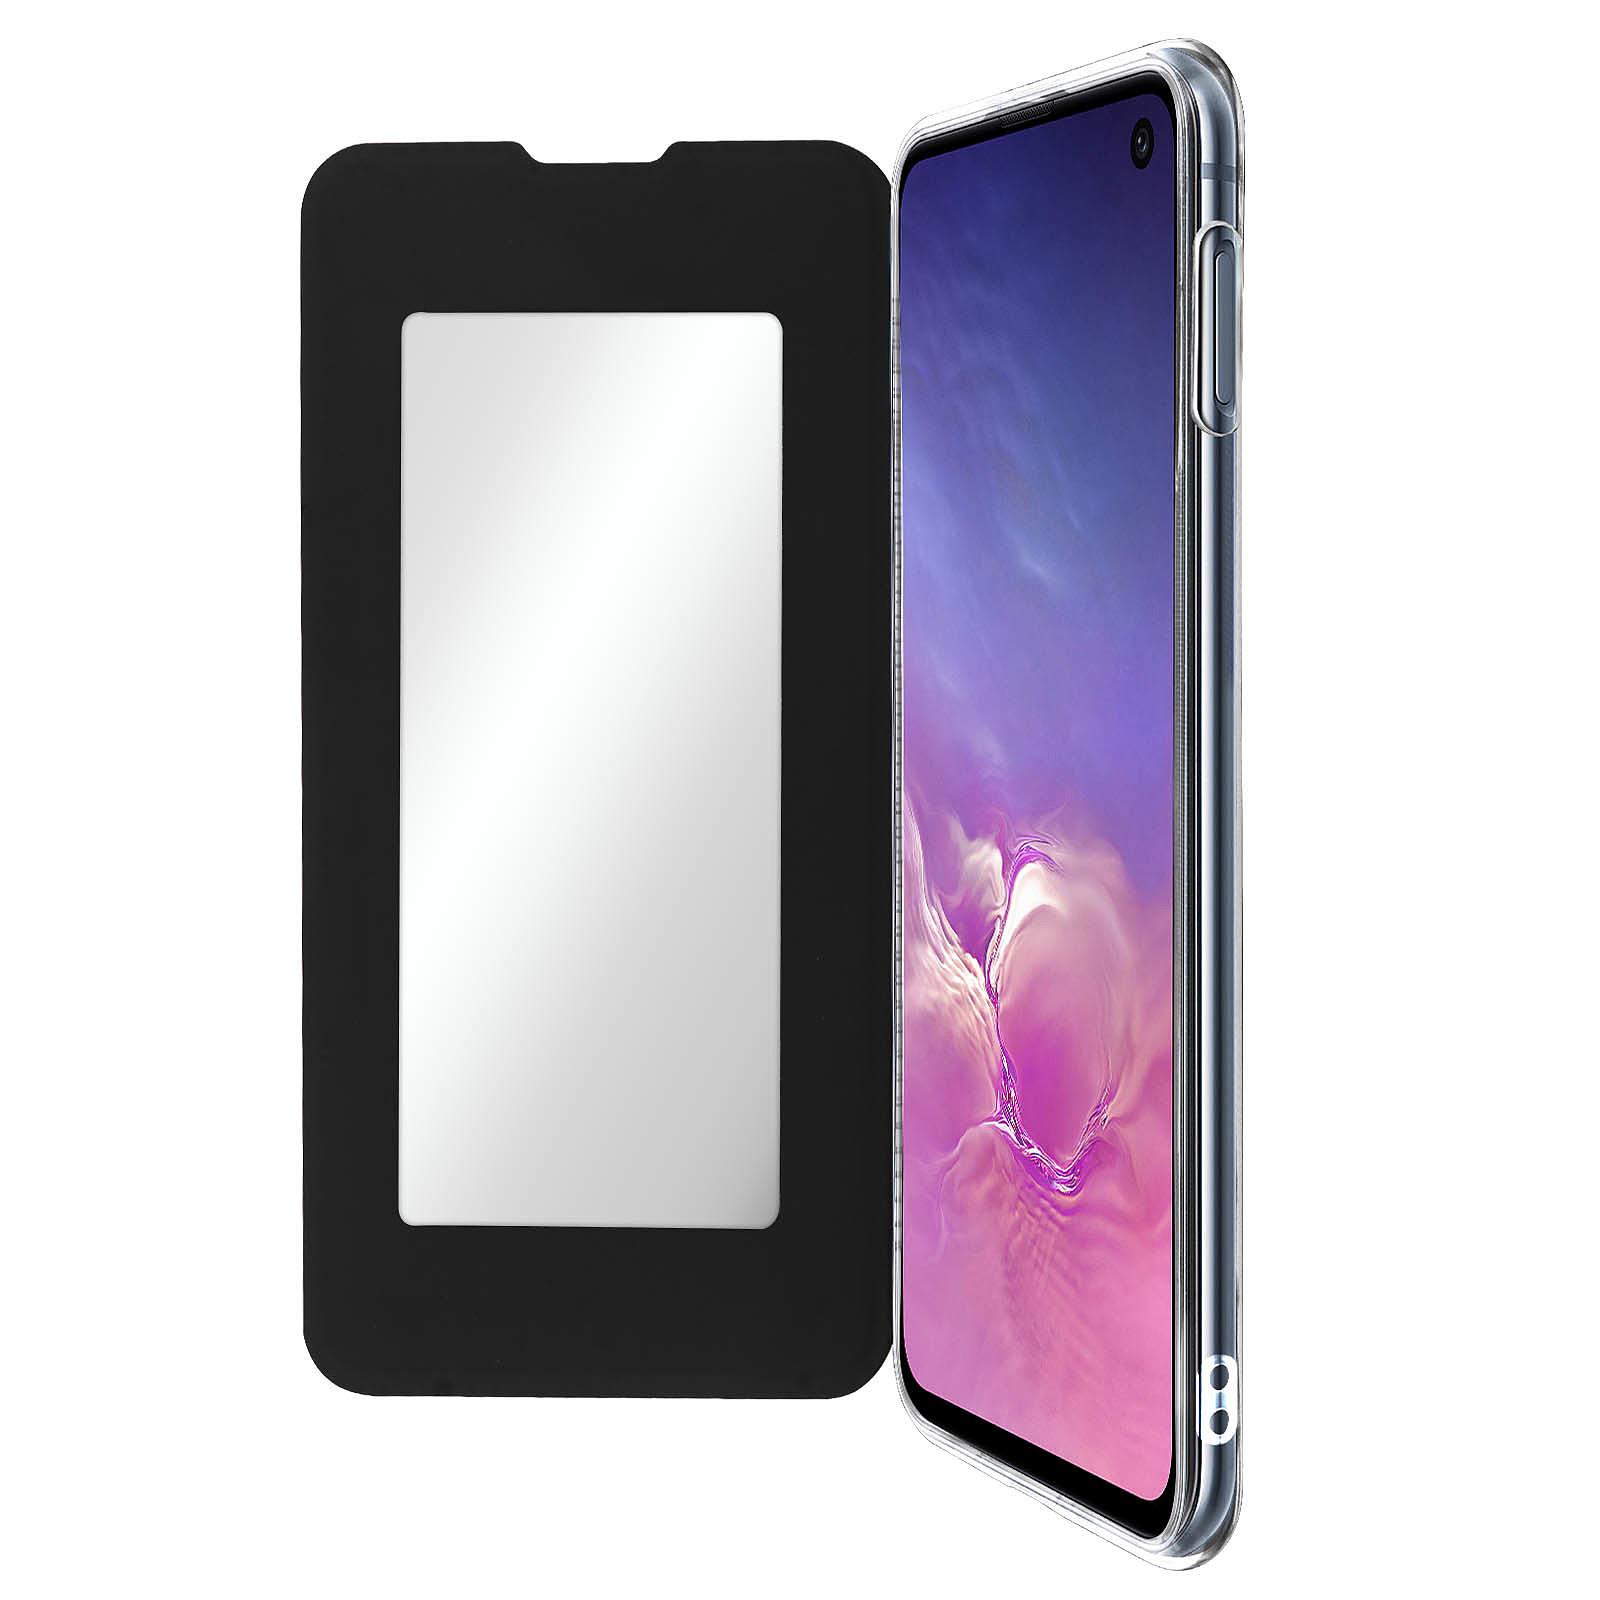 Avizar Etui folio Noir Miroir pour Samsung Galaxy S10e